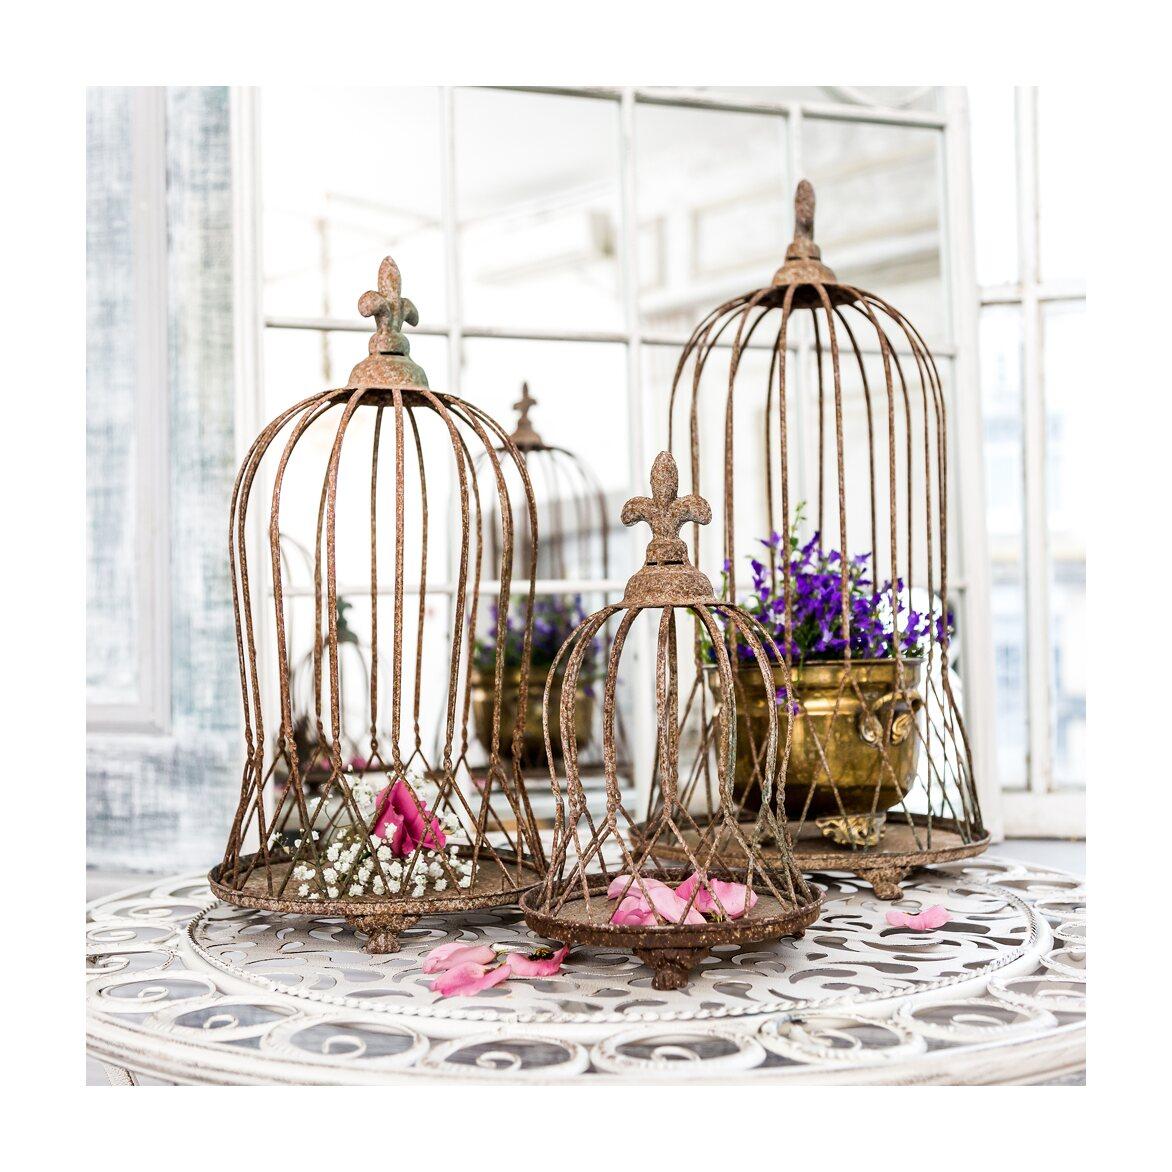 Декоративная клетка «Королевская лилия», версия L 3   Декор Kingsby